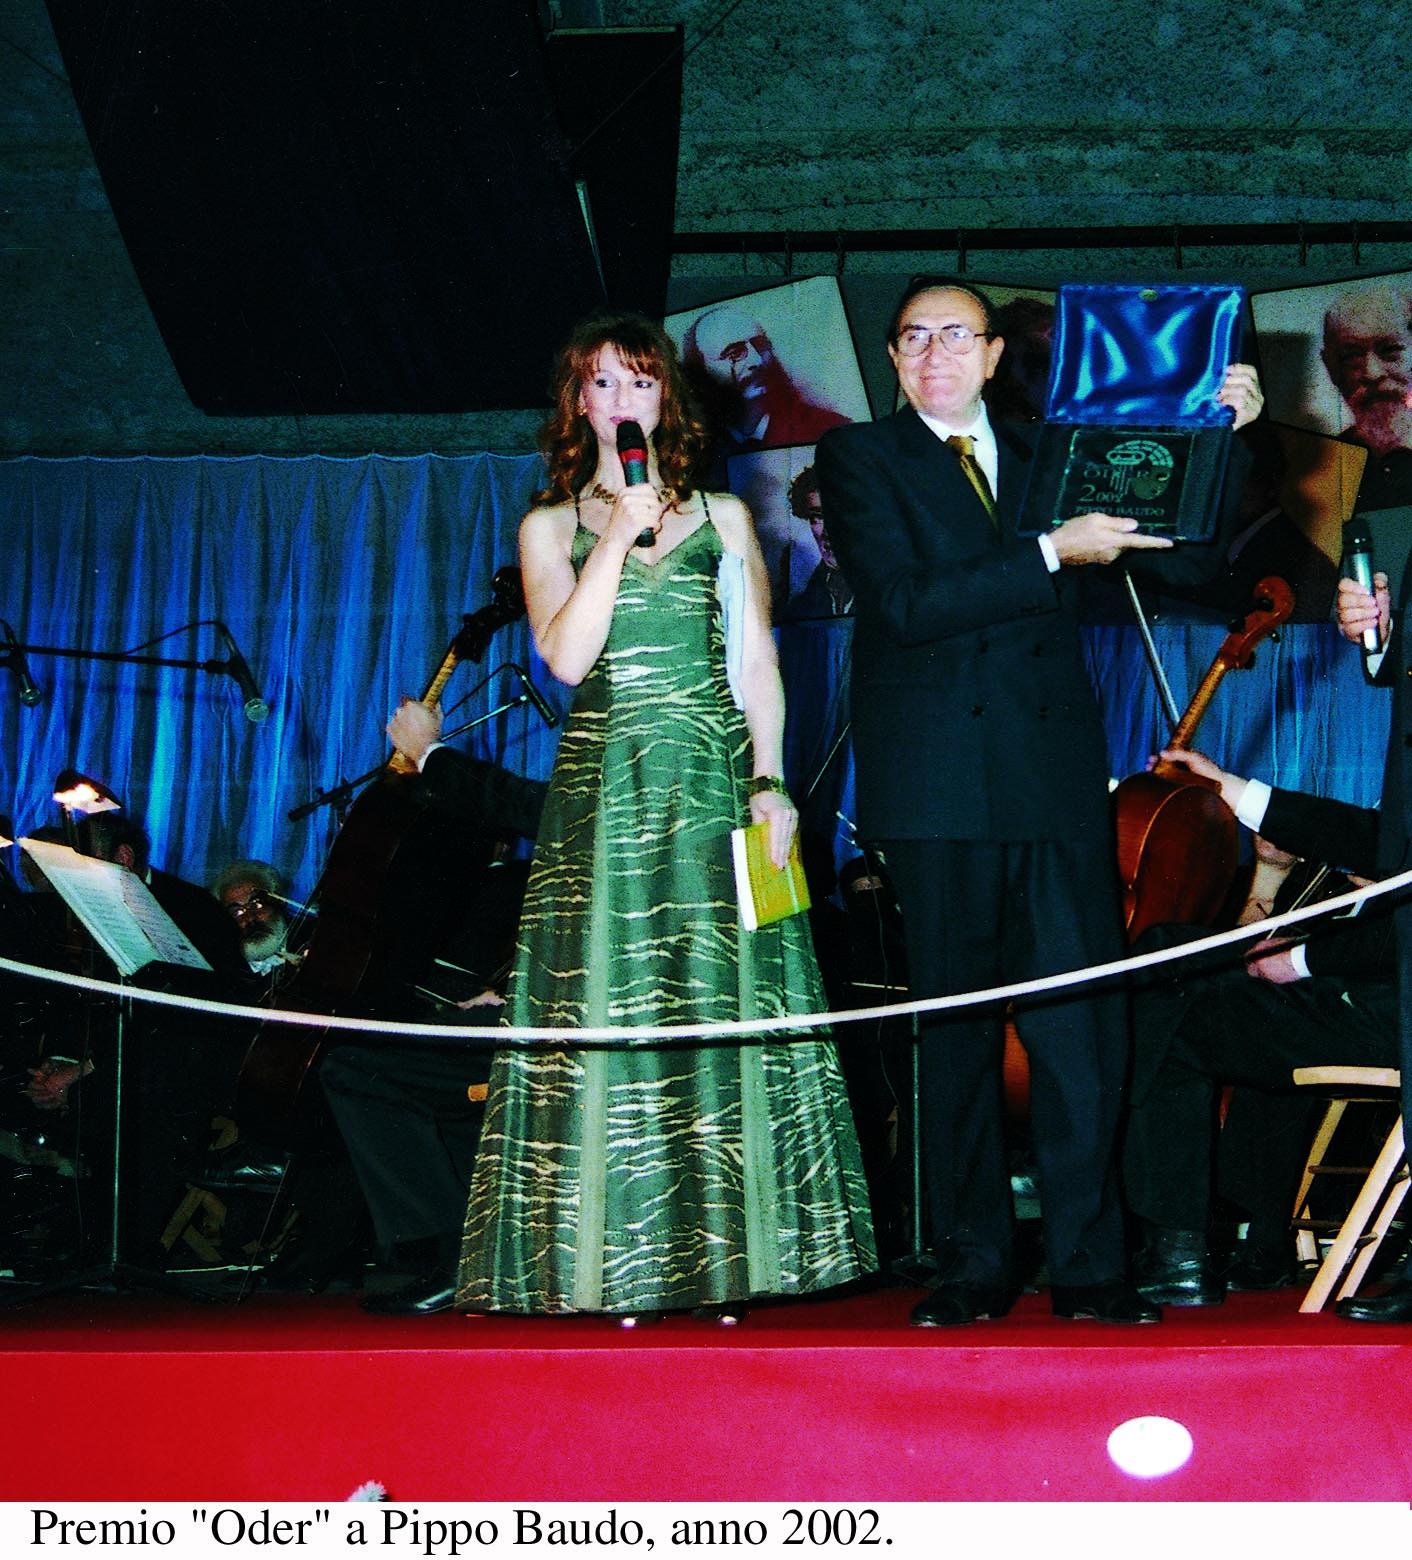 Anno 2002 - Oderzo Palateatro Premio Oder a Pippo Baudo